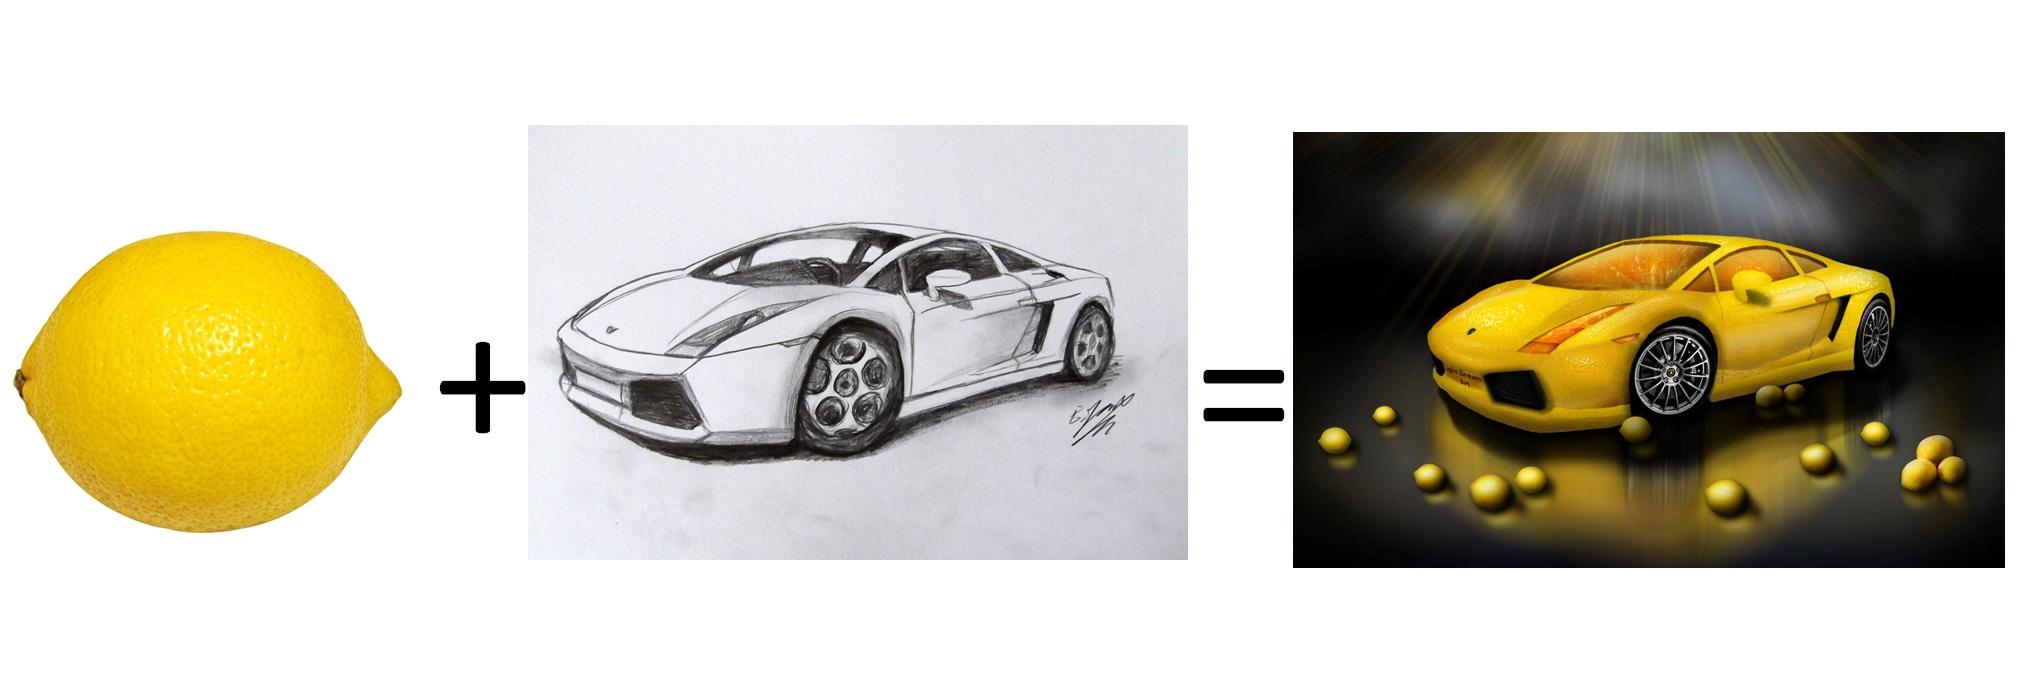 Math of ART